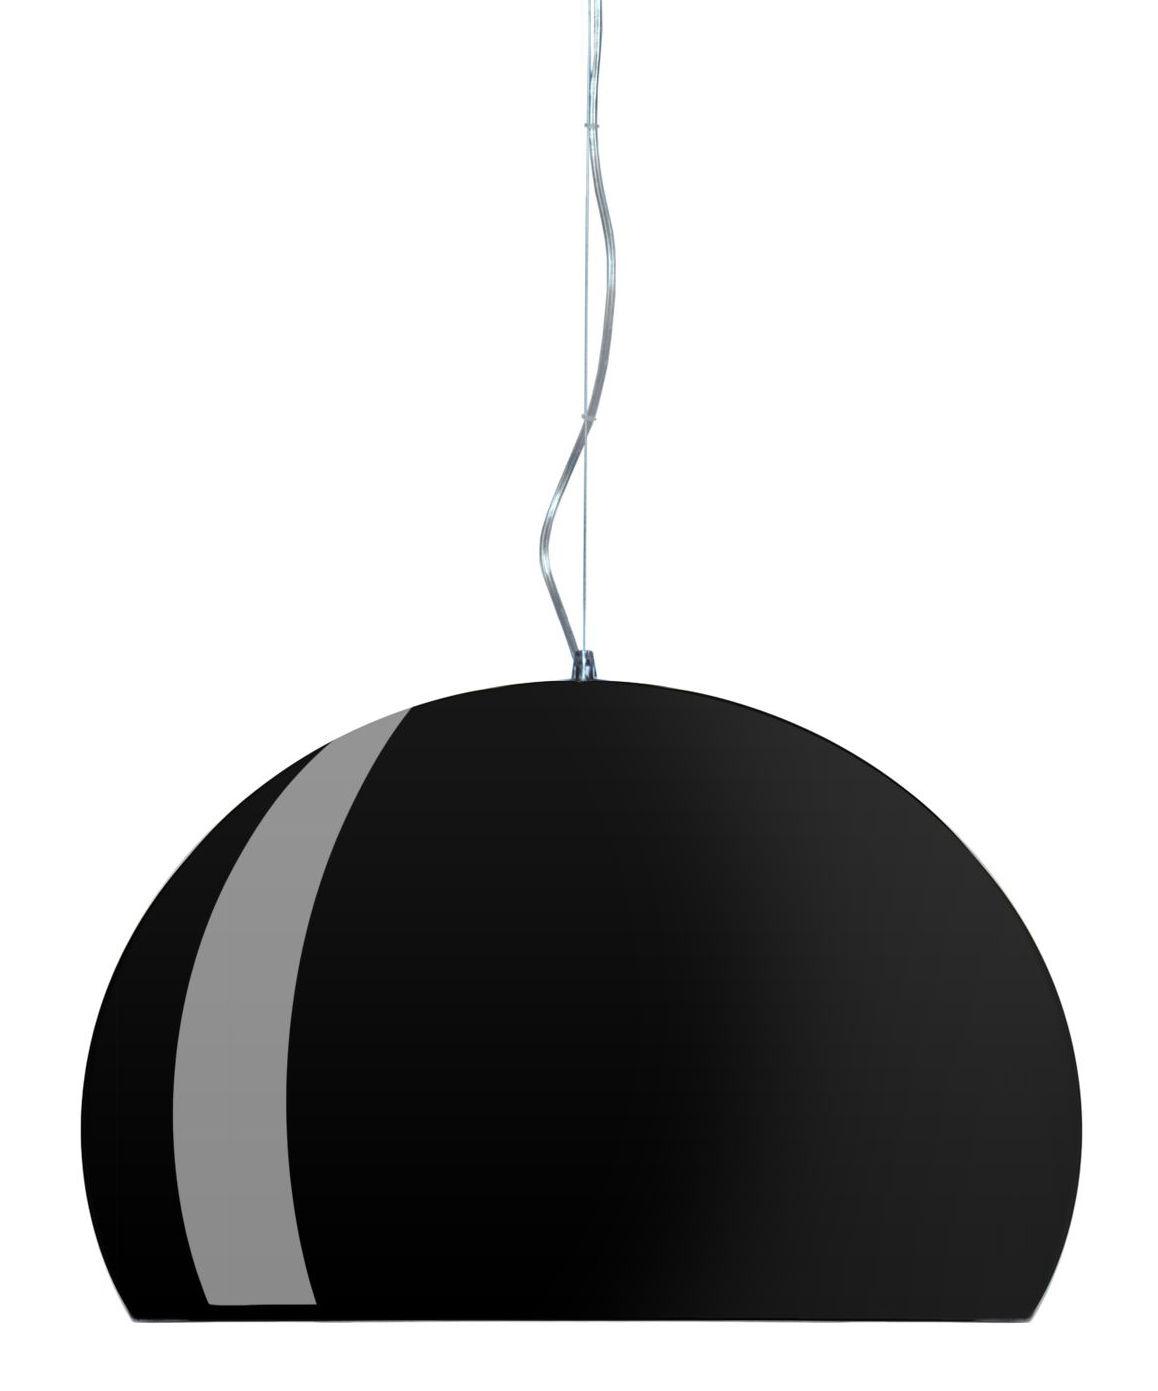 Leuchten - Pendelleuchten - FL/Y Pendelleuchte - Kartell - Schwarz - PMMA teinté dans la masse